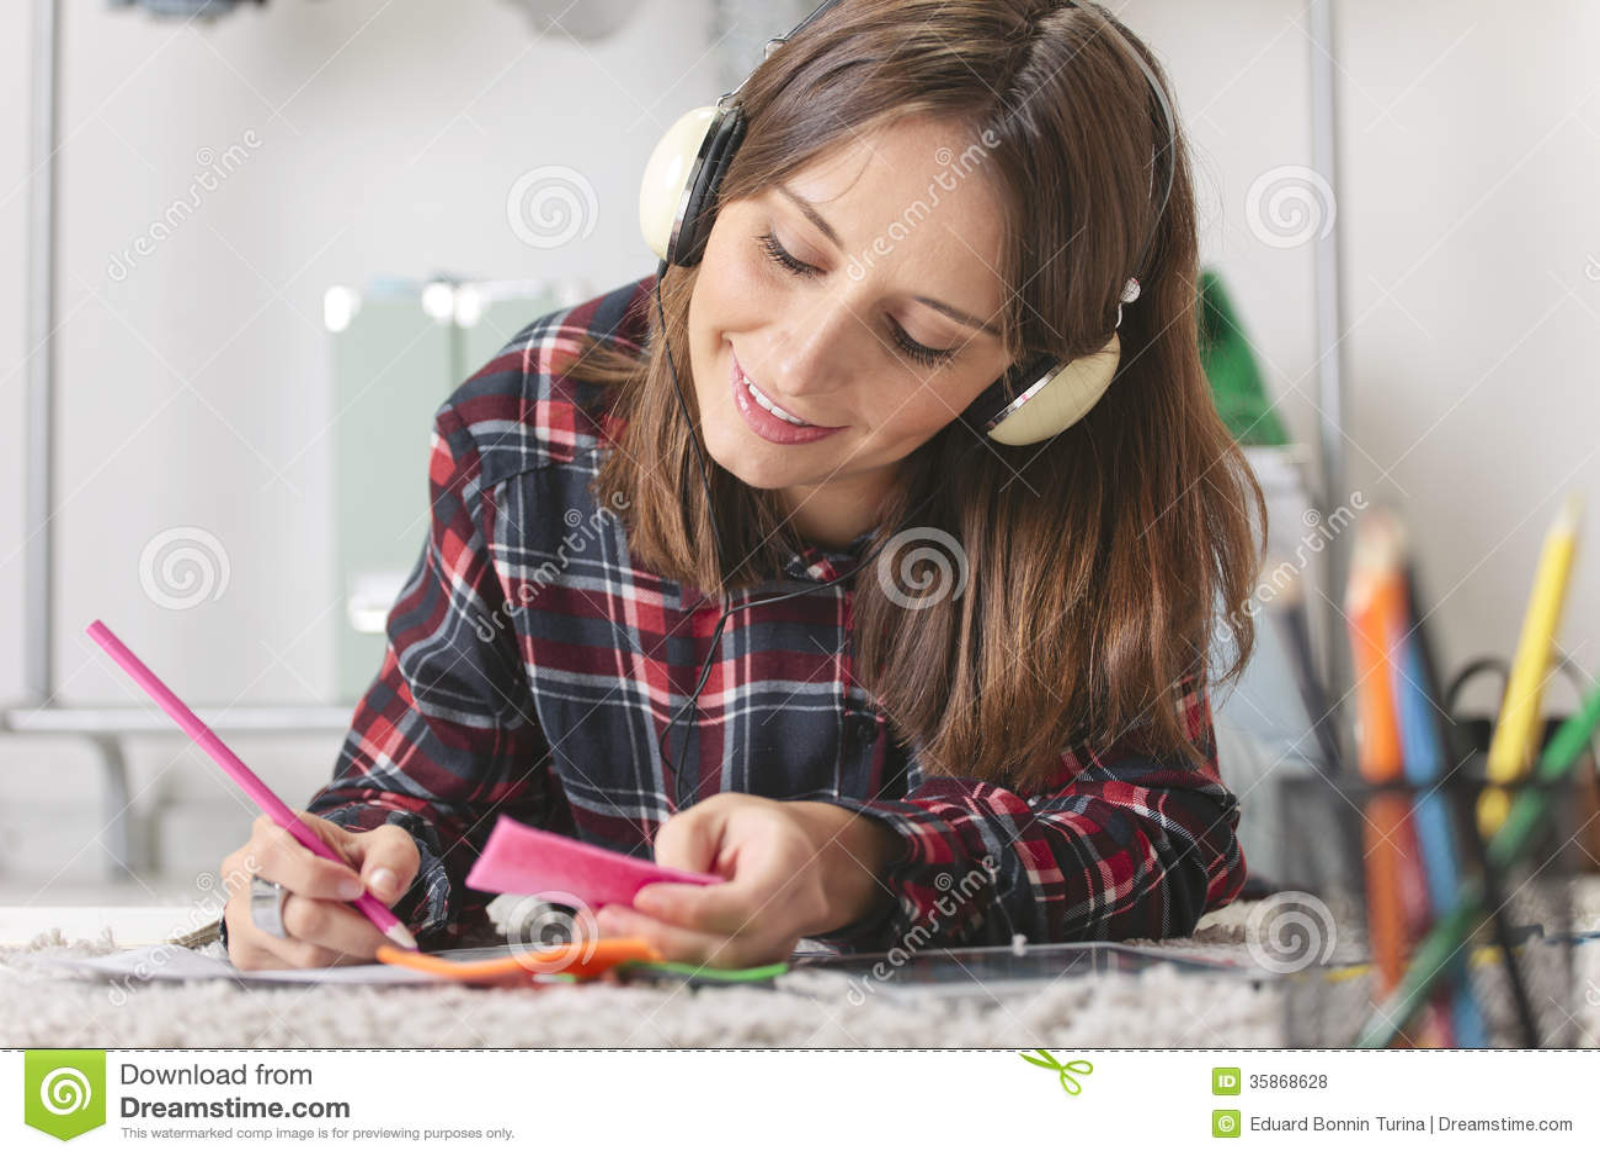 Toevallige bloggervrouw die manierschetsen in haar bureau doen.